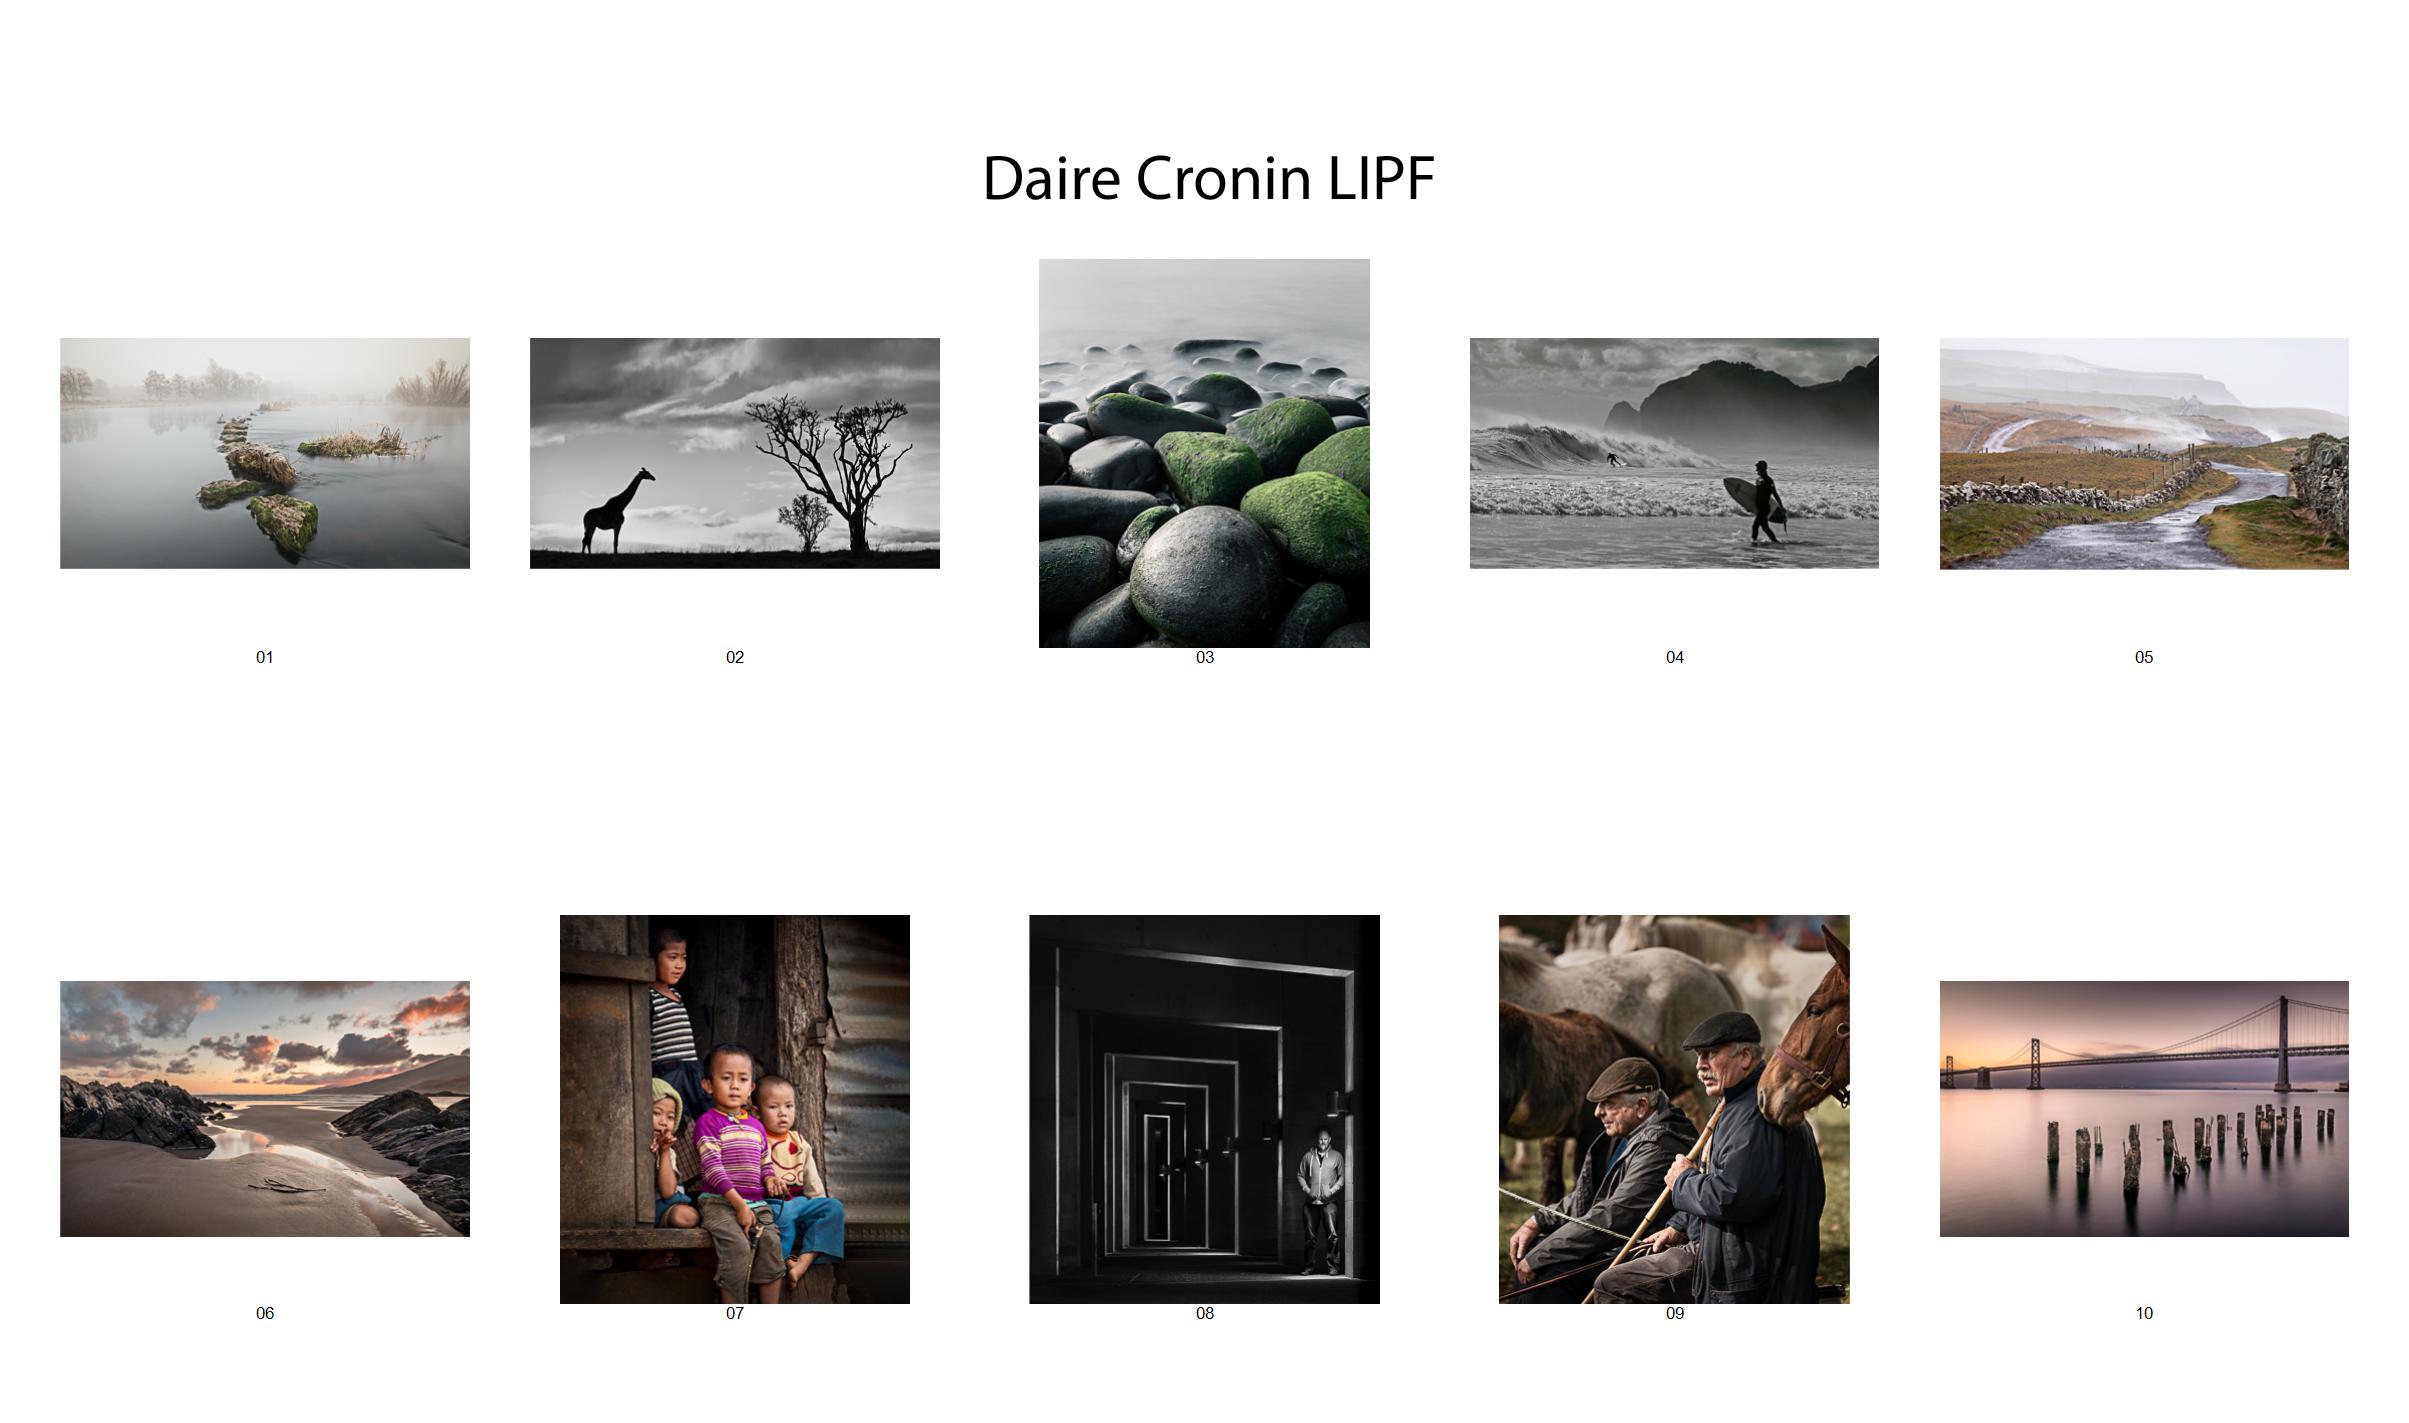 L09-Daire-Cronin